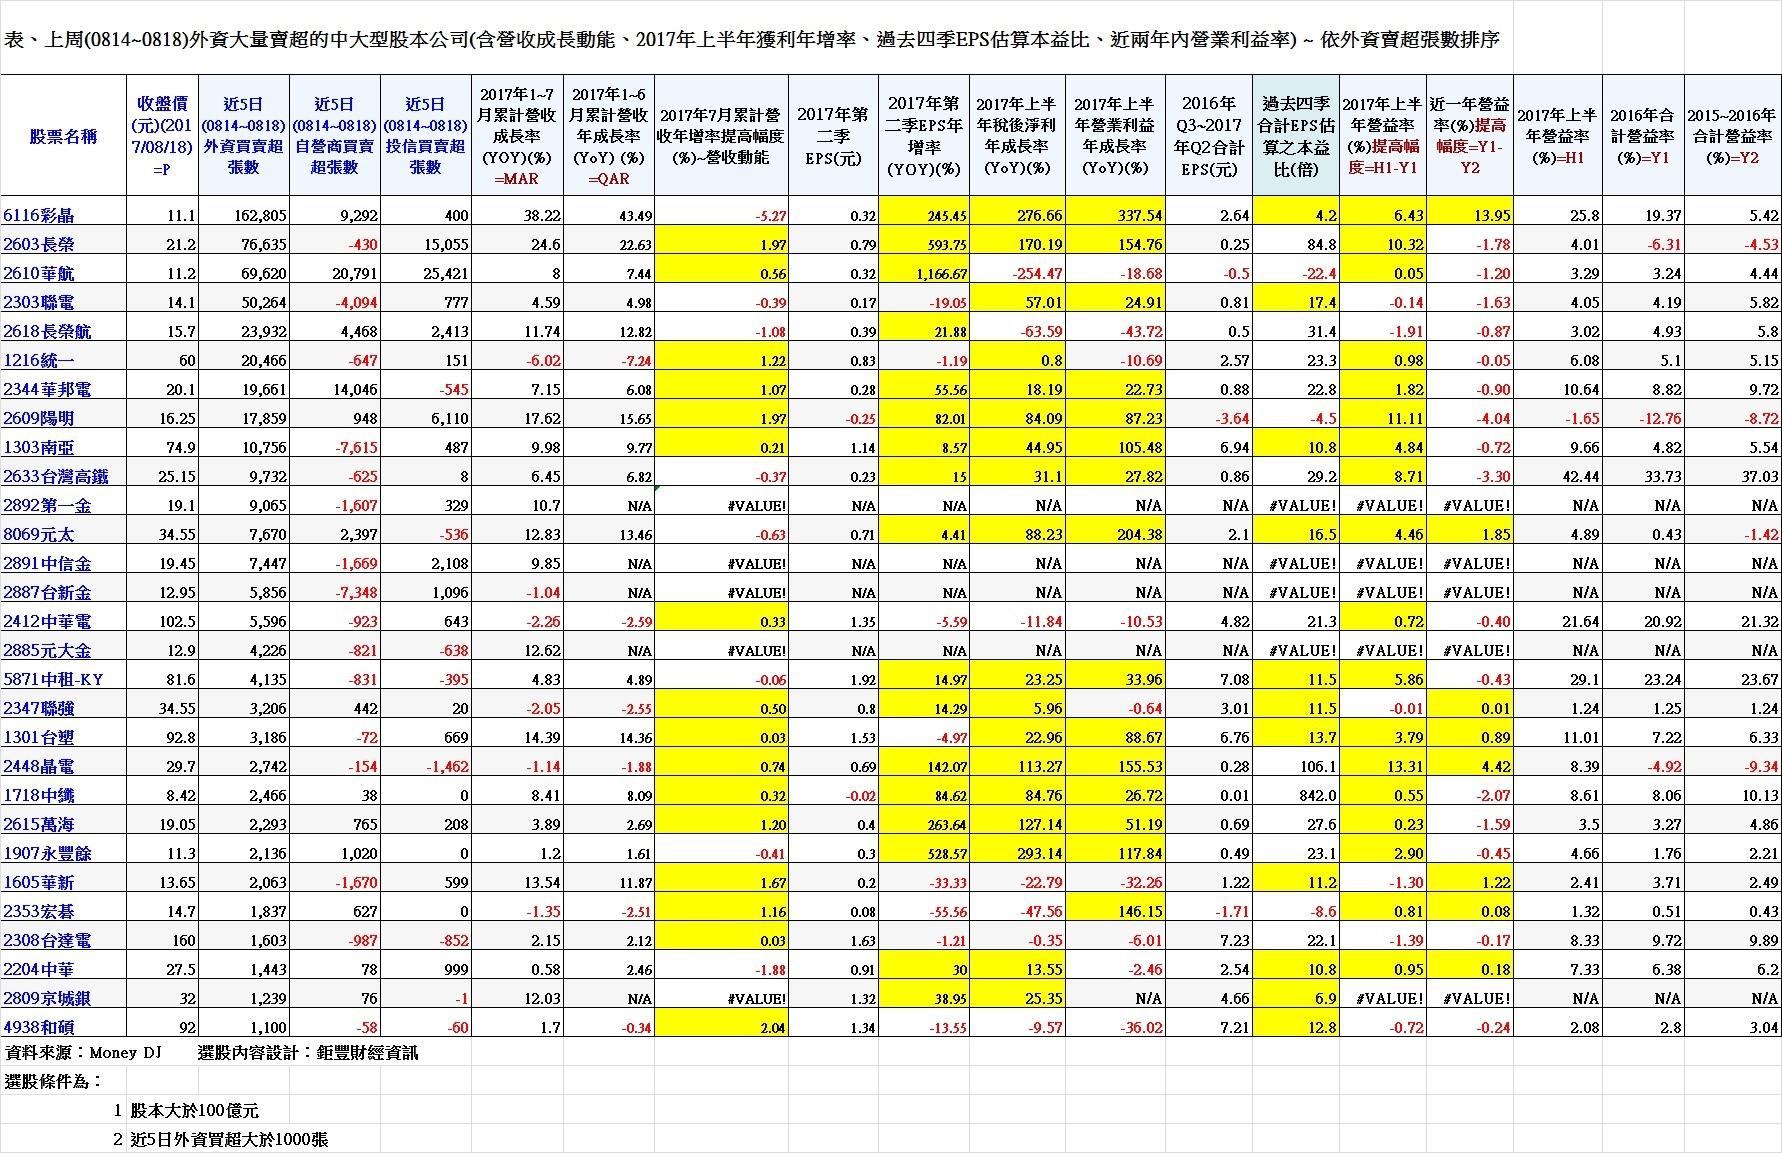 表、上周(0814~0818)外資大量賣超的中大型股本公司(含營收成長動能、2017年上半年獲利年增率、過去四季EPS估算本益比、近兩年內營業利益率) ~ 依外資賣超張數排序